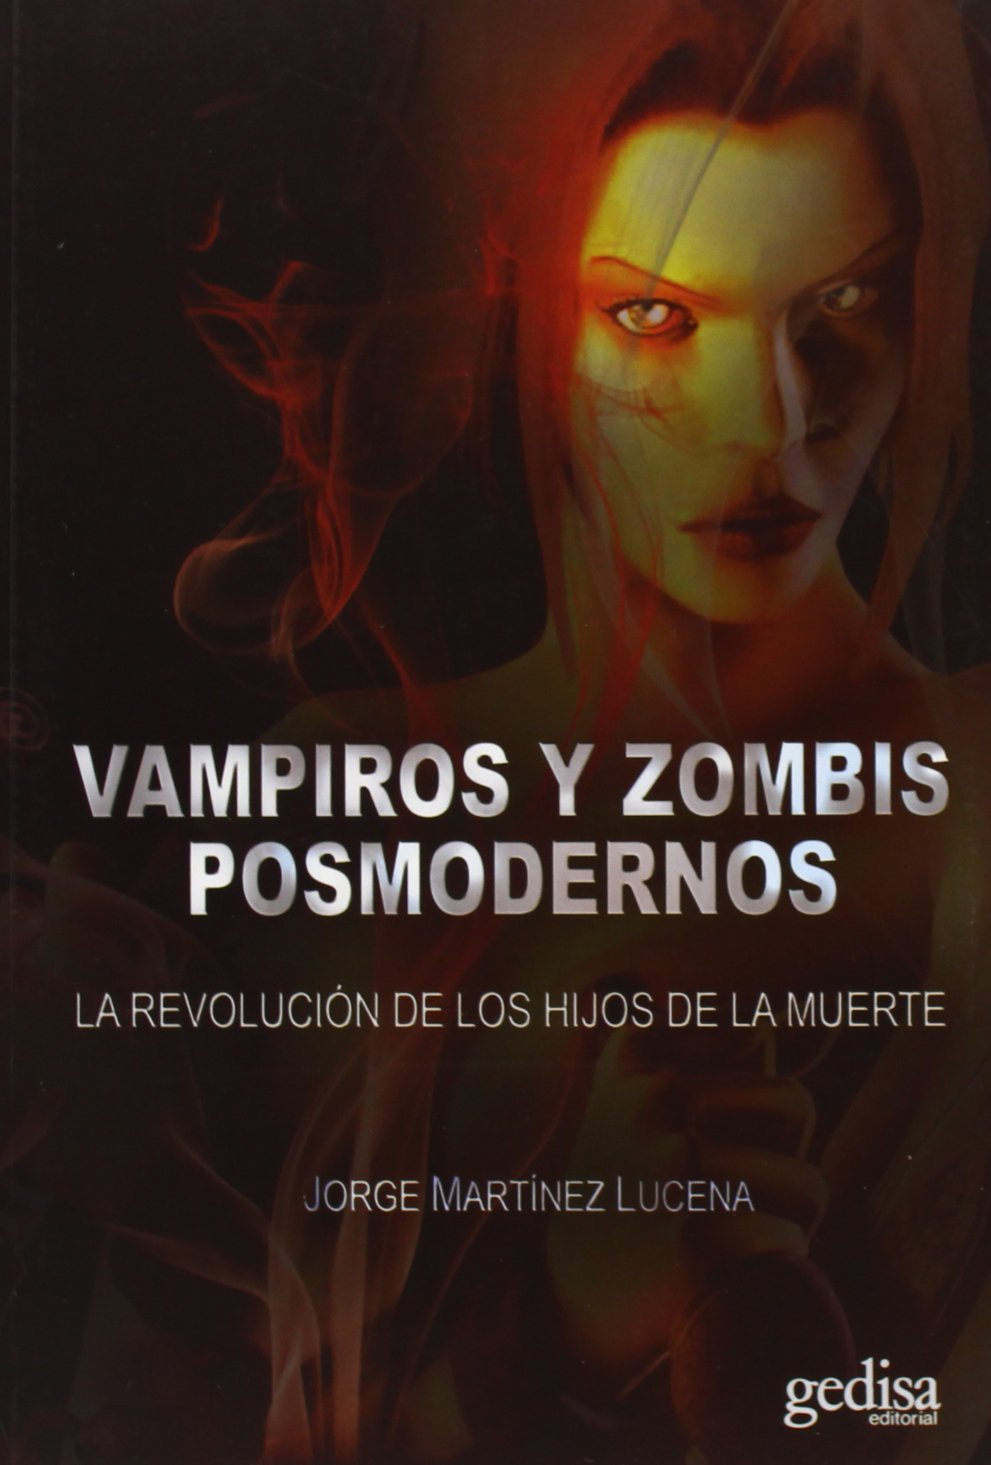 Vampiros Y Zombis Posmodernos (Cine & Literatura): Amazon.es: Jorge Martínez Lucena: Libros